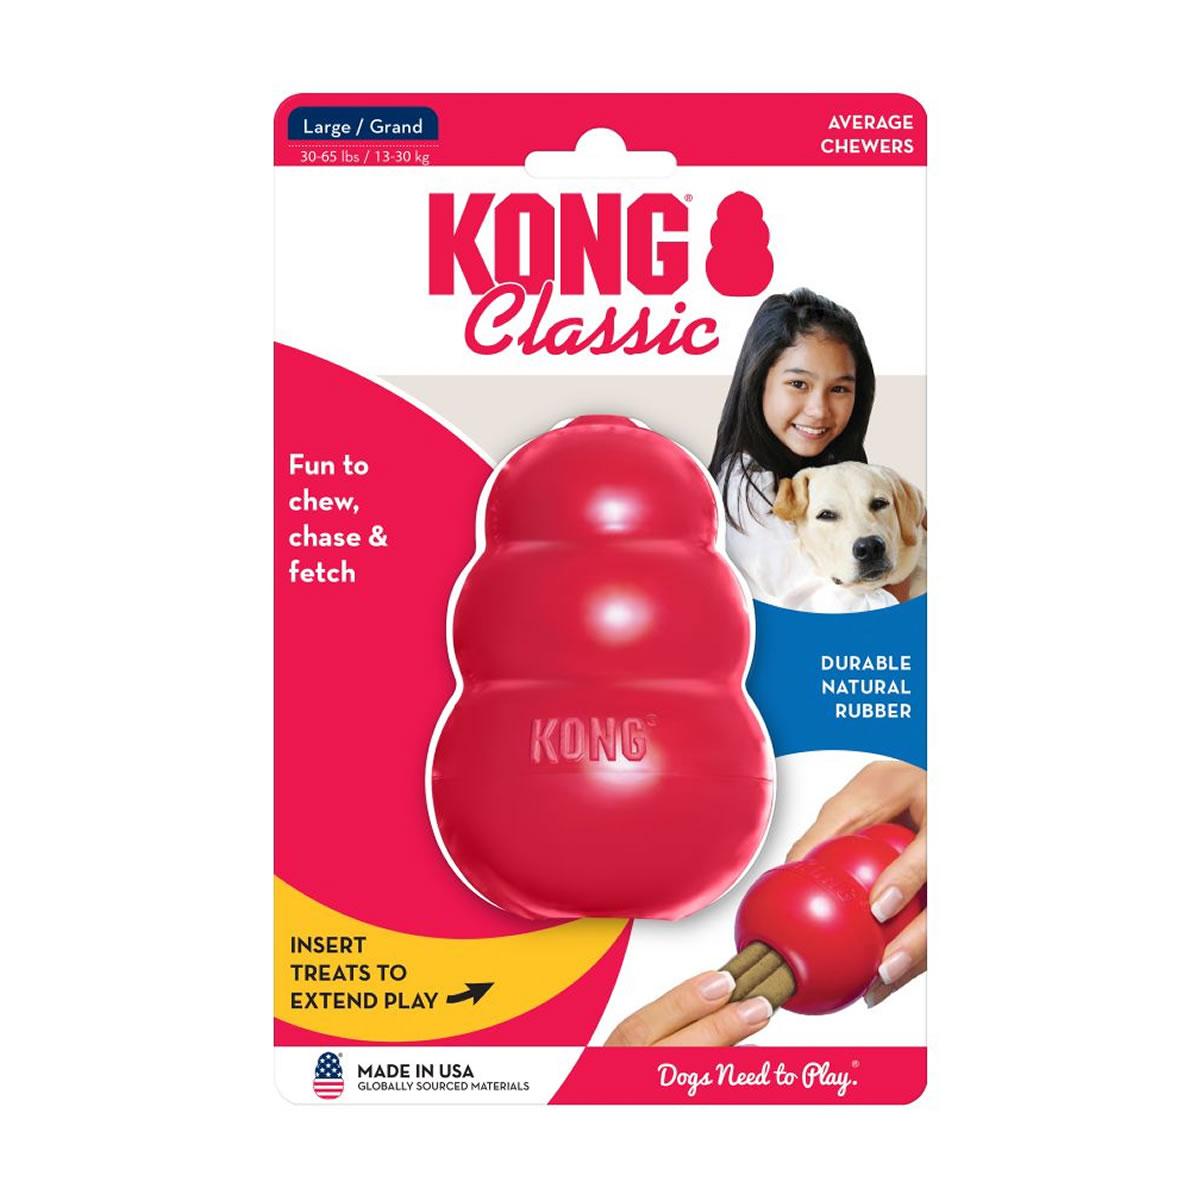 Brinquedo Interativo Kong Classic com Dispenser para Ração ou Petisco Vermelho